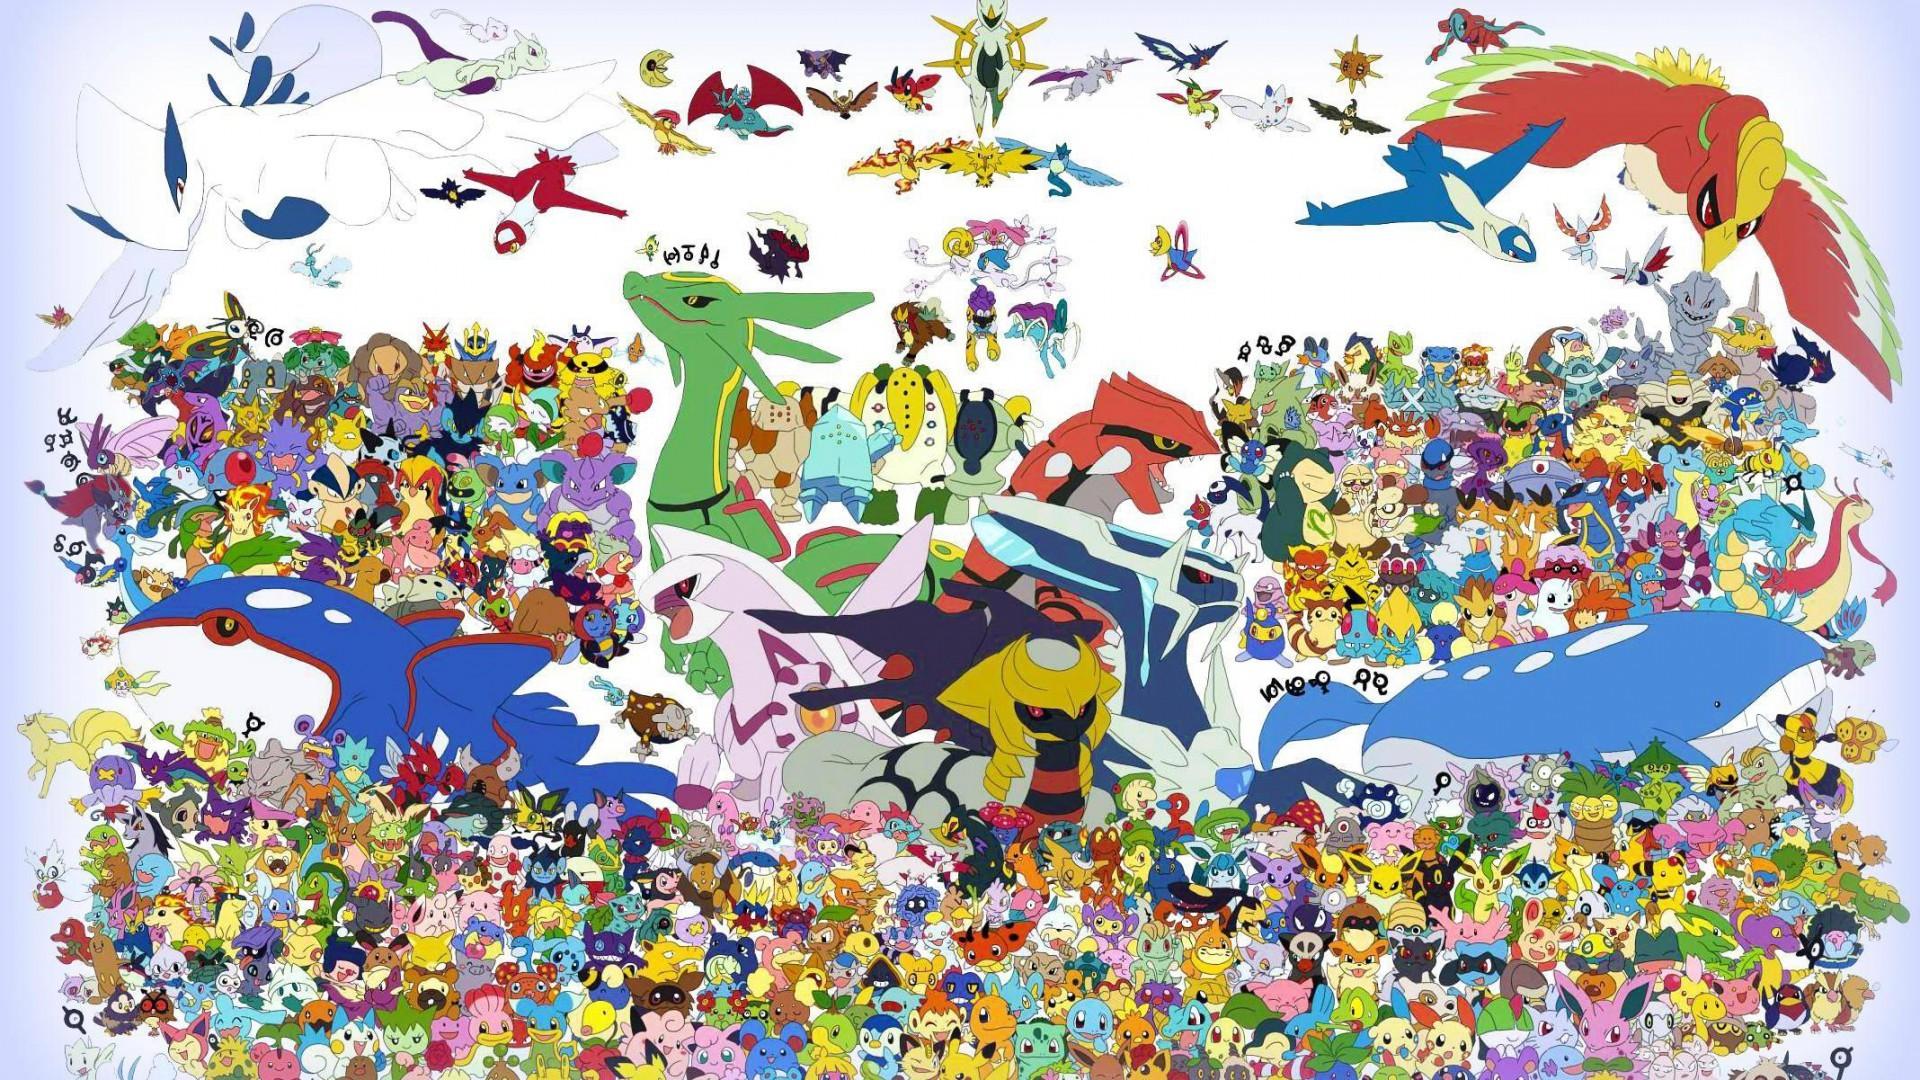 Fonds d'écran Pokemon : tous les wallpapers Pokemon